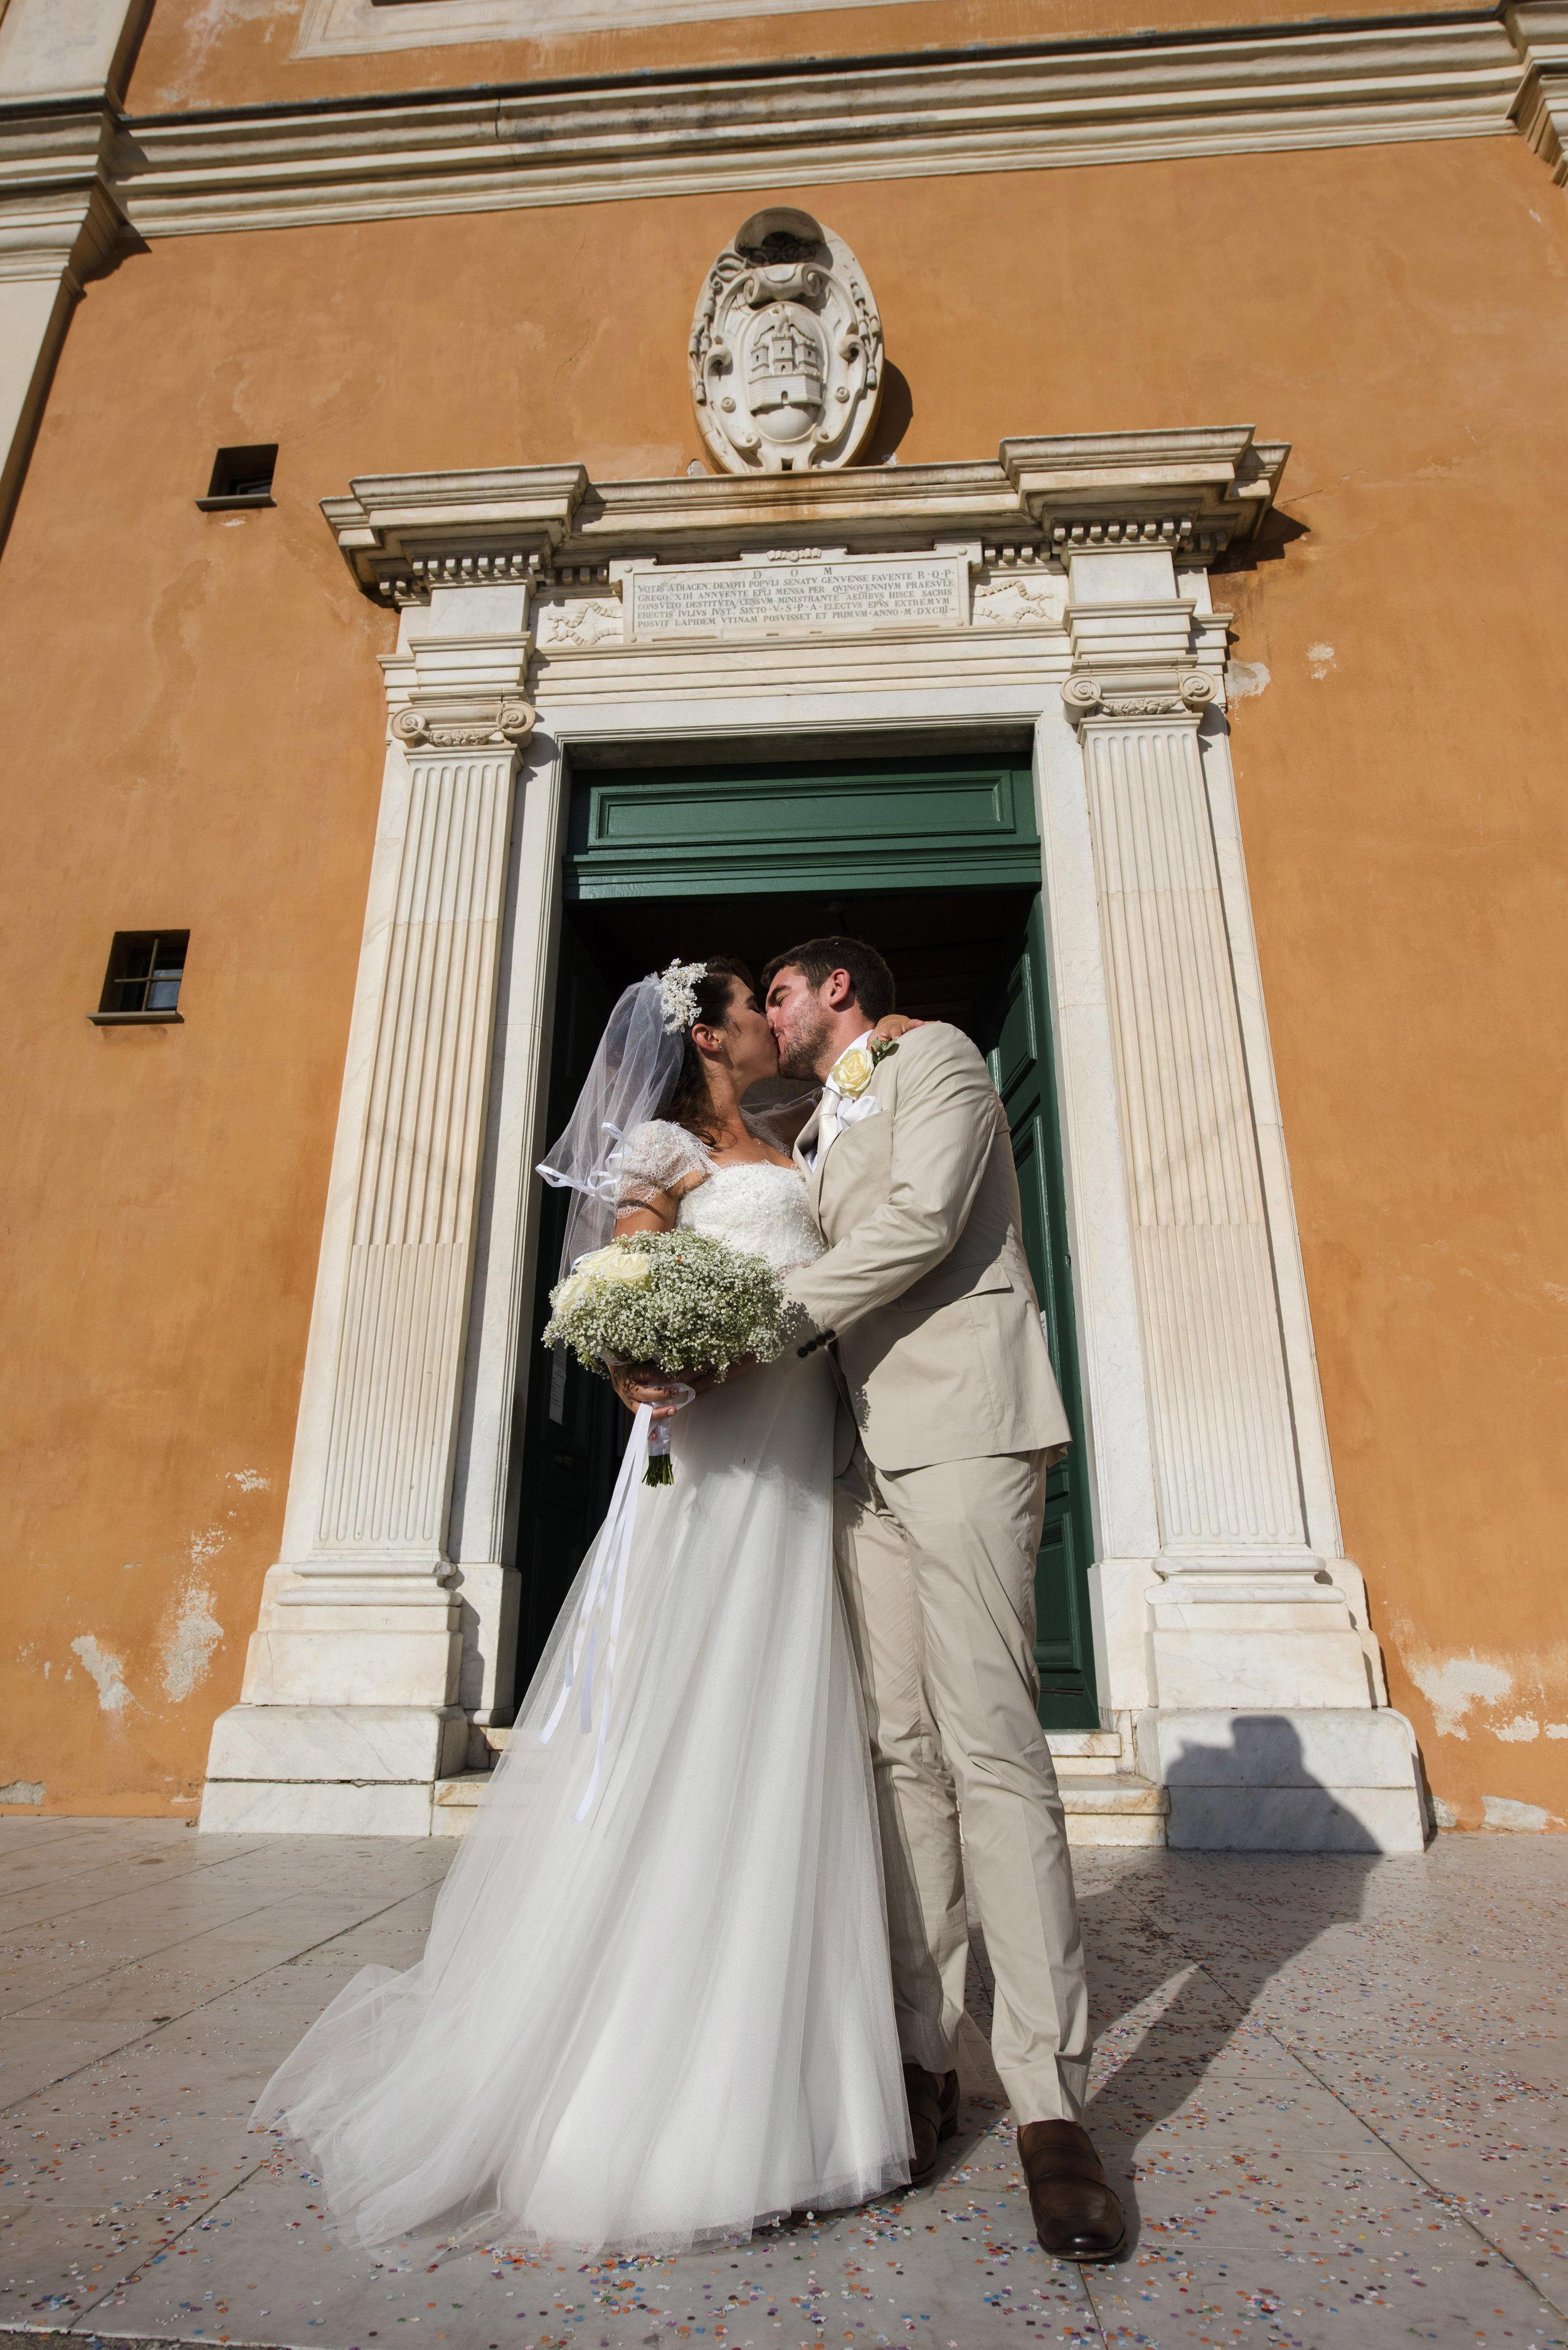 wedding-venue-ajaccio-cathedral_011.jpg